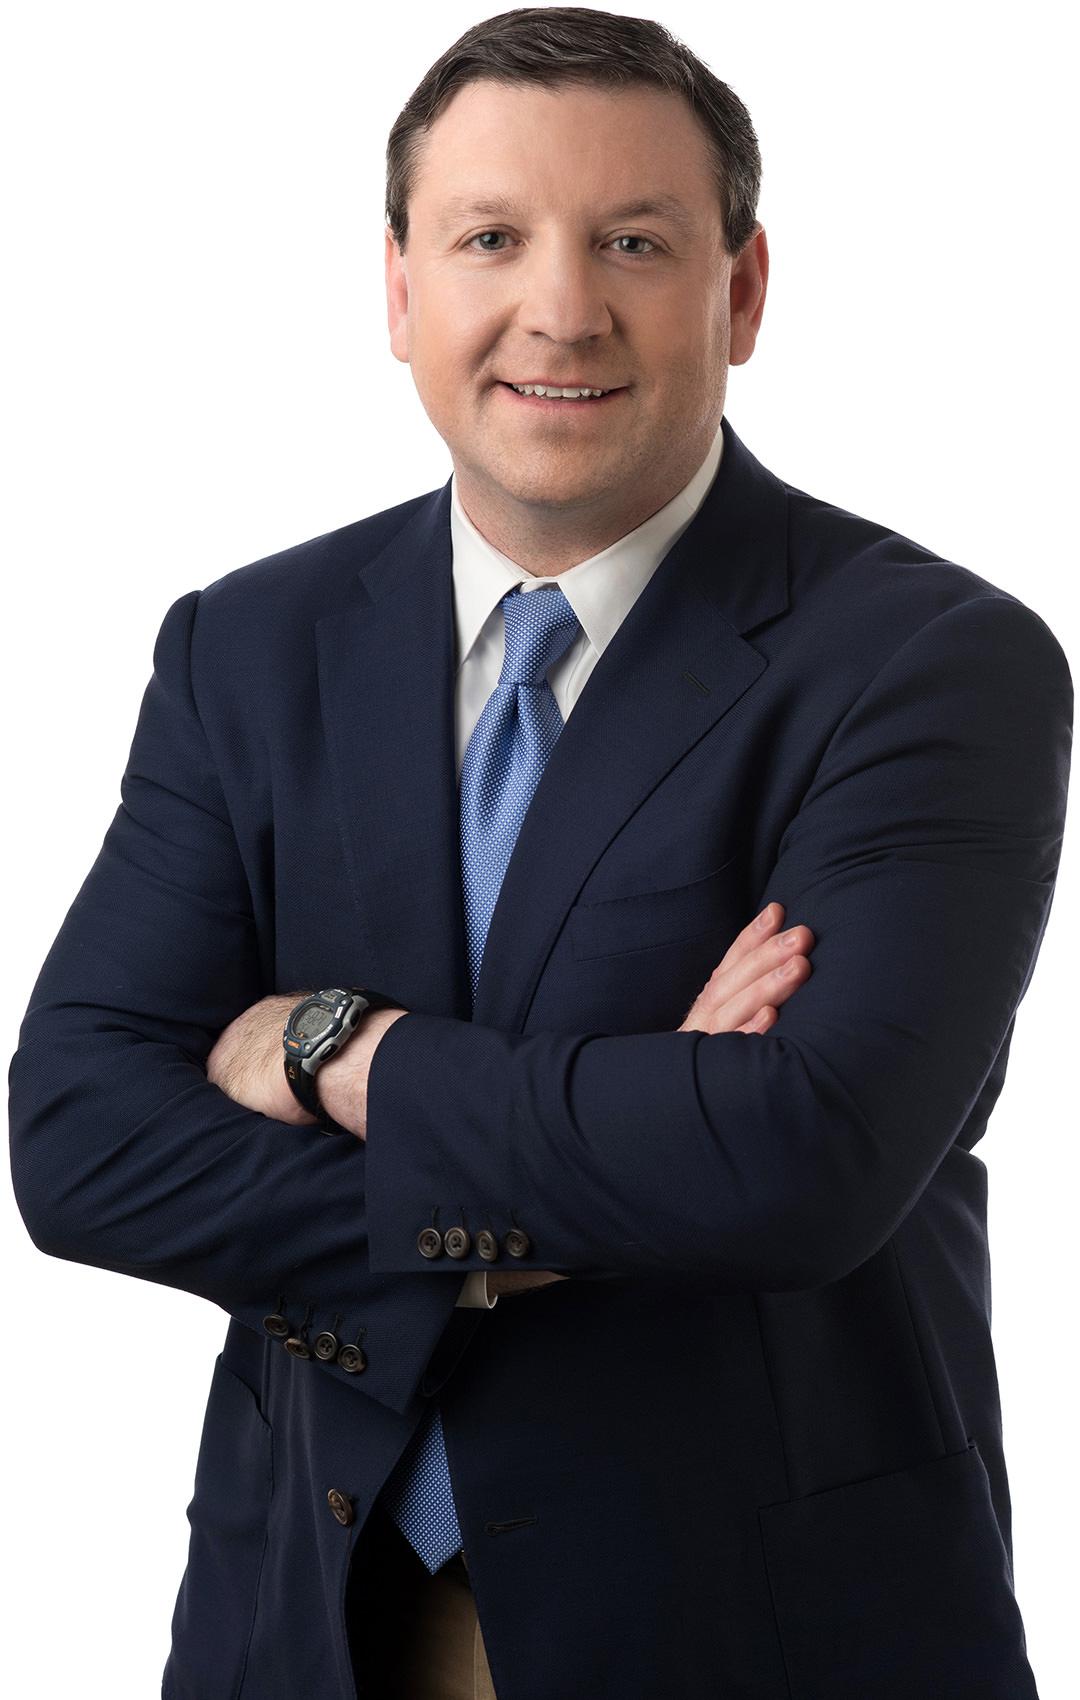 Cory E. Manning